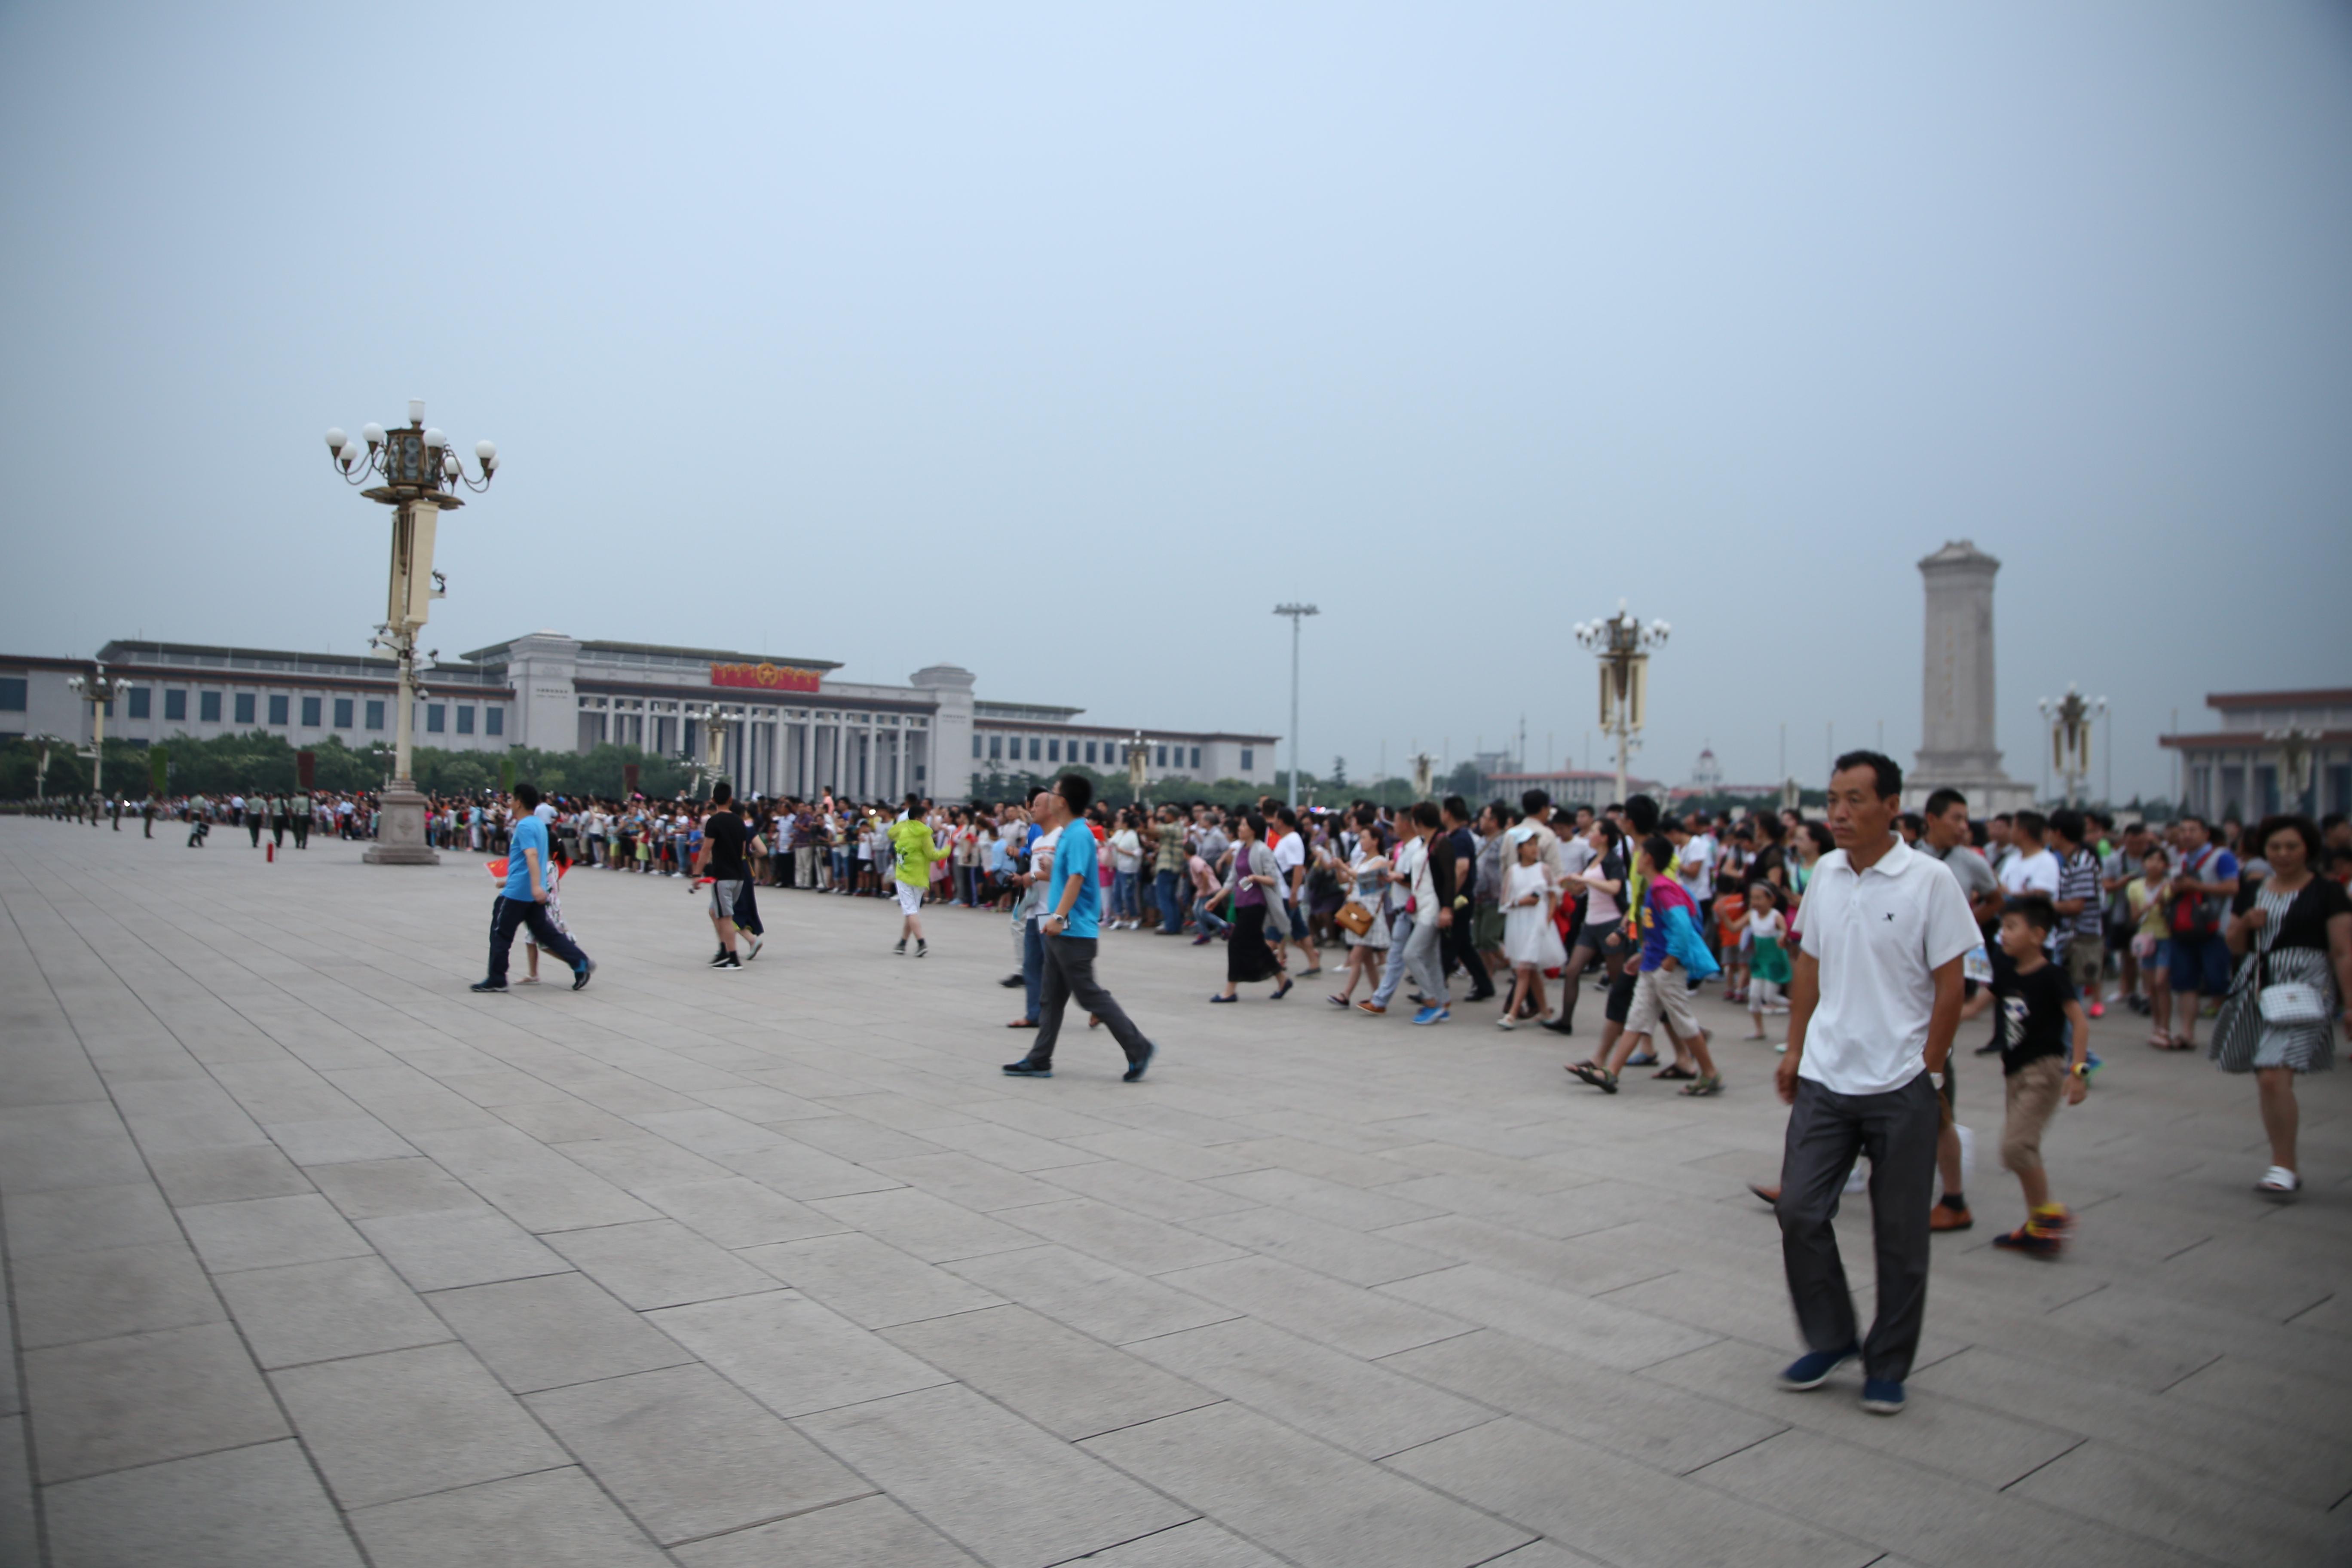 去北京旅游必看的升国旗仪式,知名旅行家为你推荐观看攻略